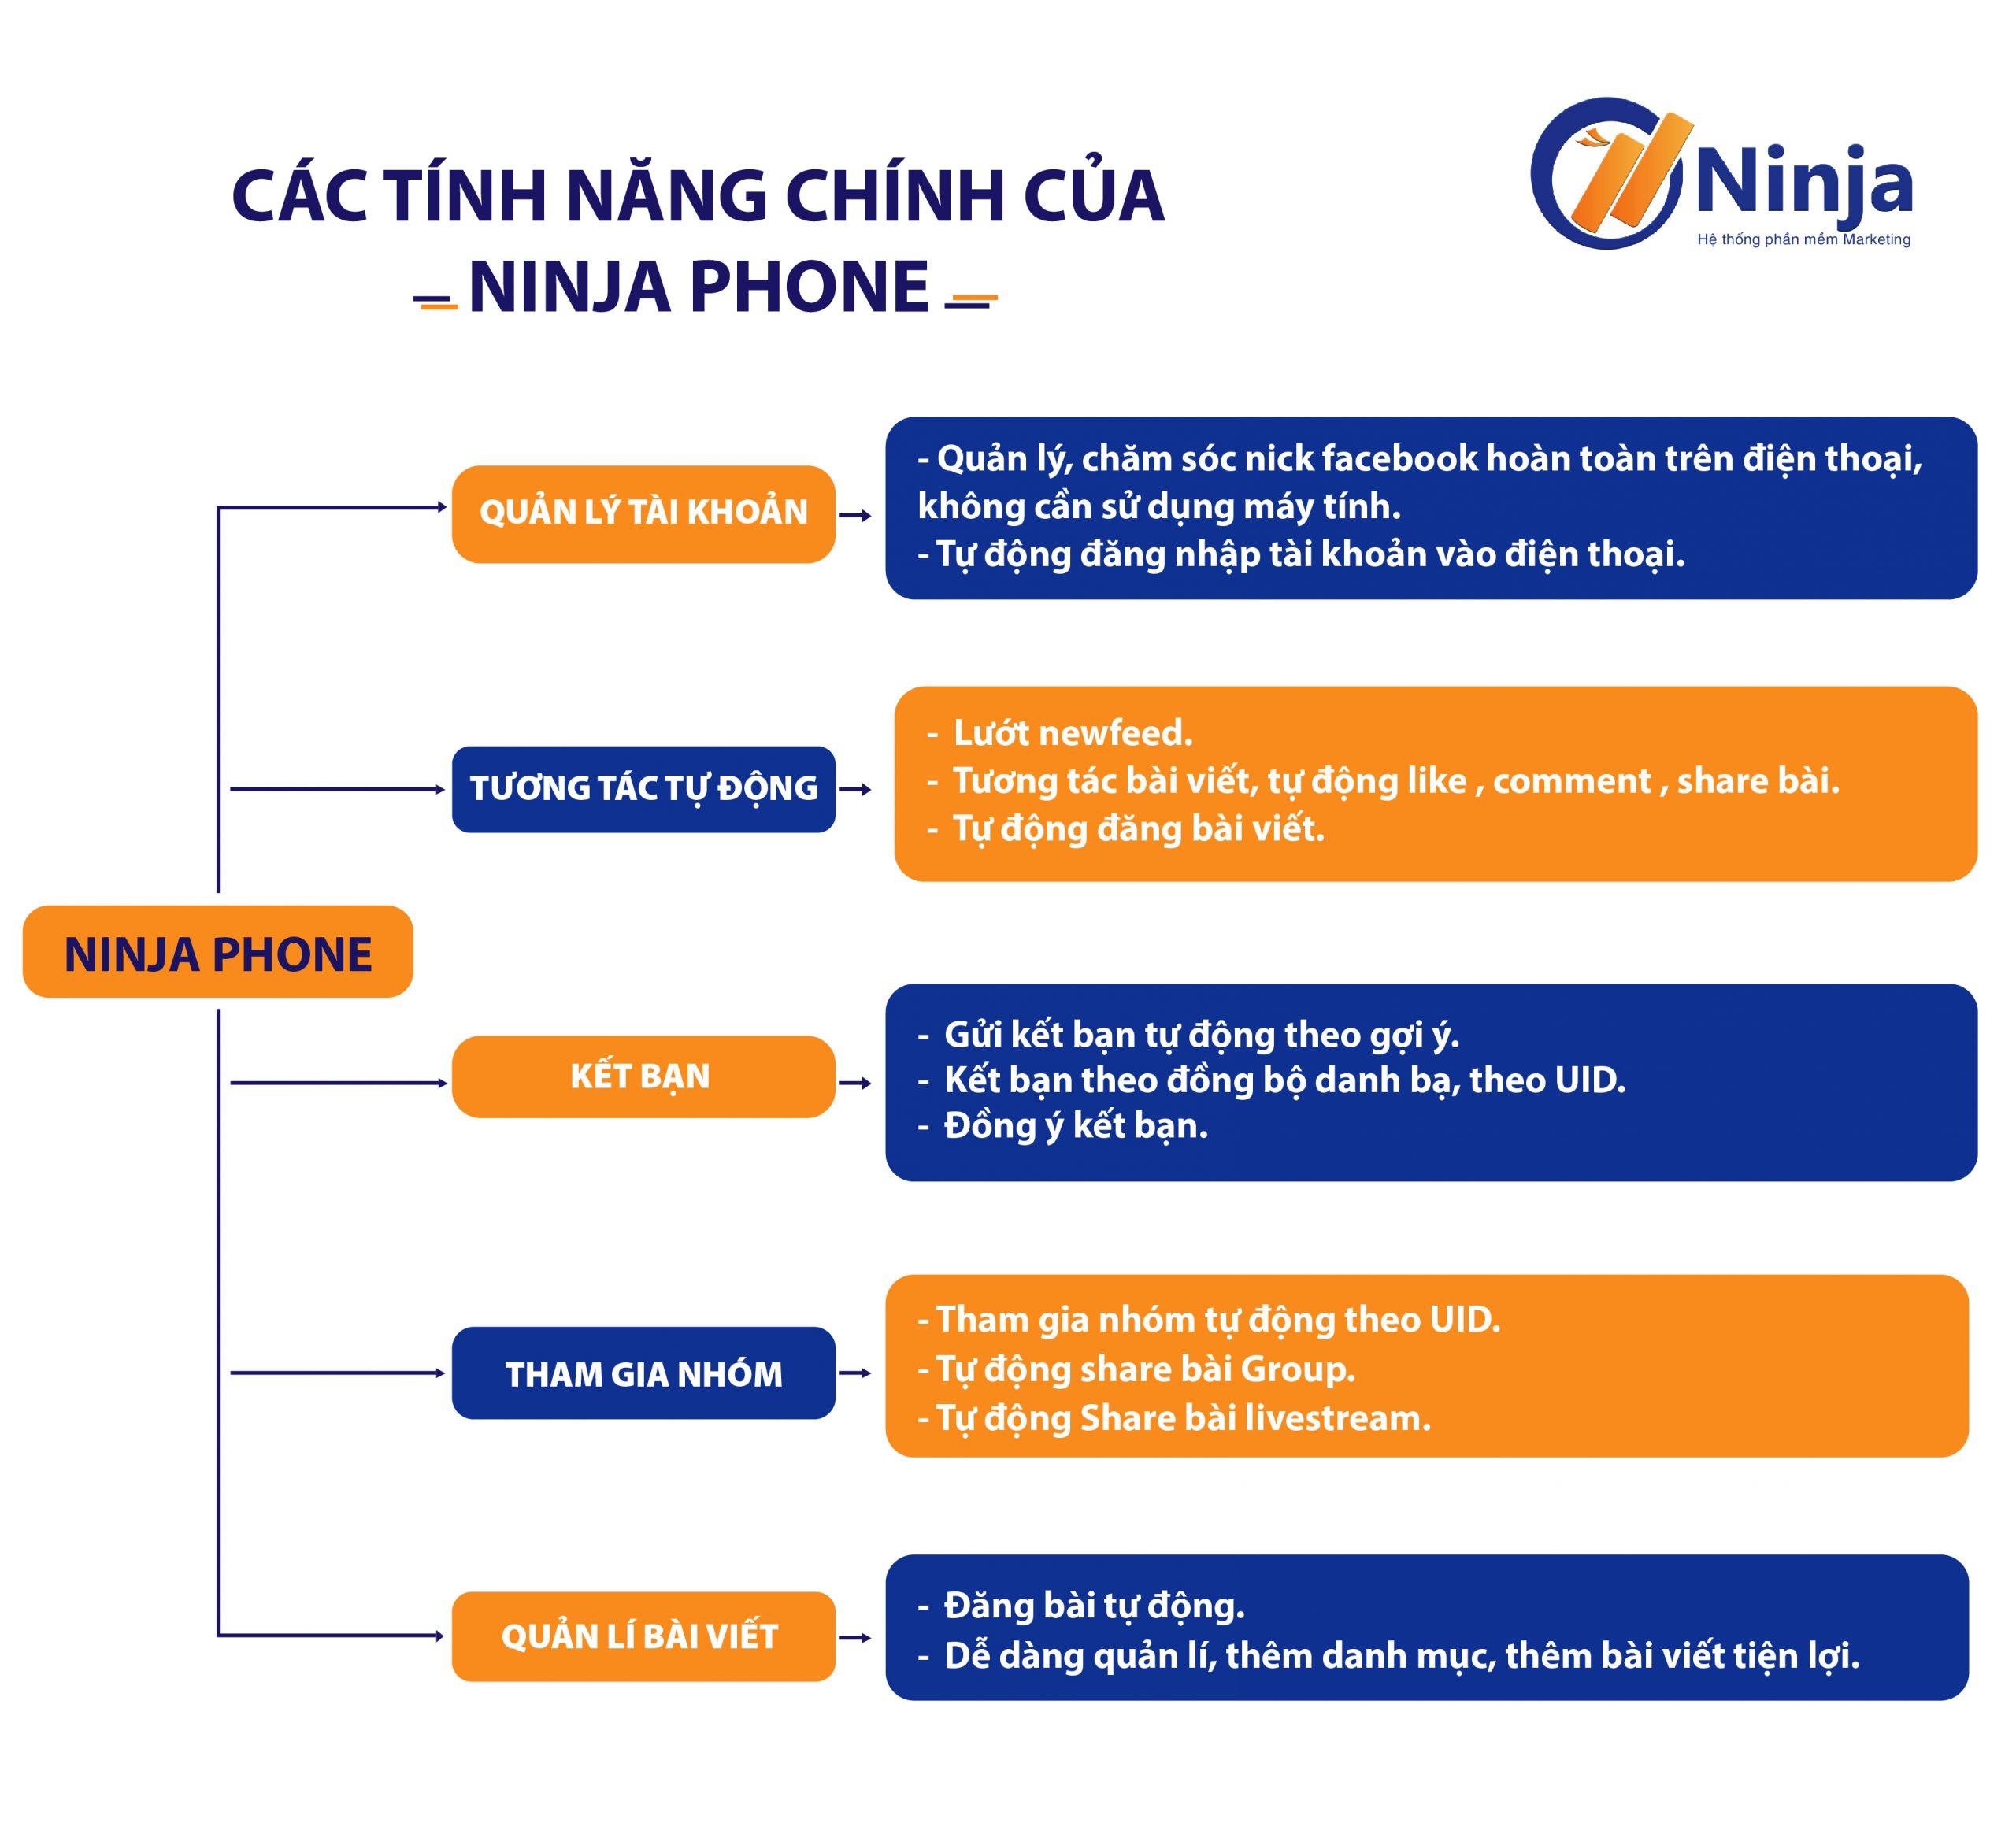 ninja-phone-phan-mem-nuoi-nick-dien-thoai-cuc-ky-hieu-qua